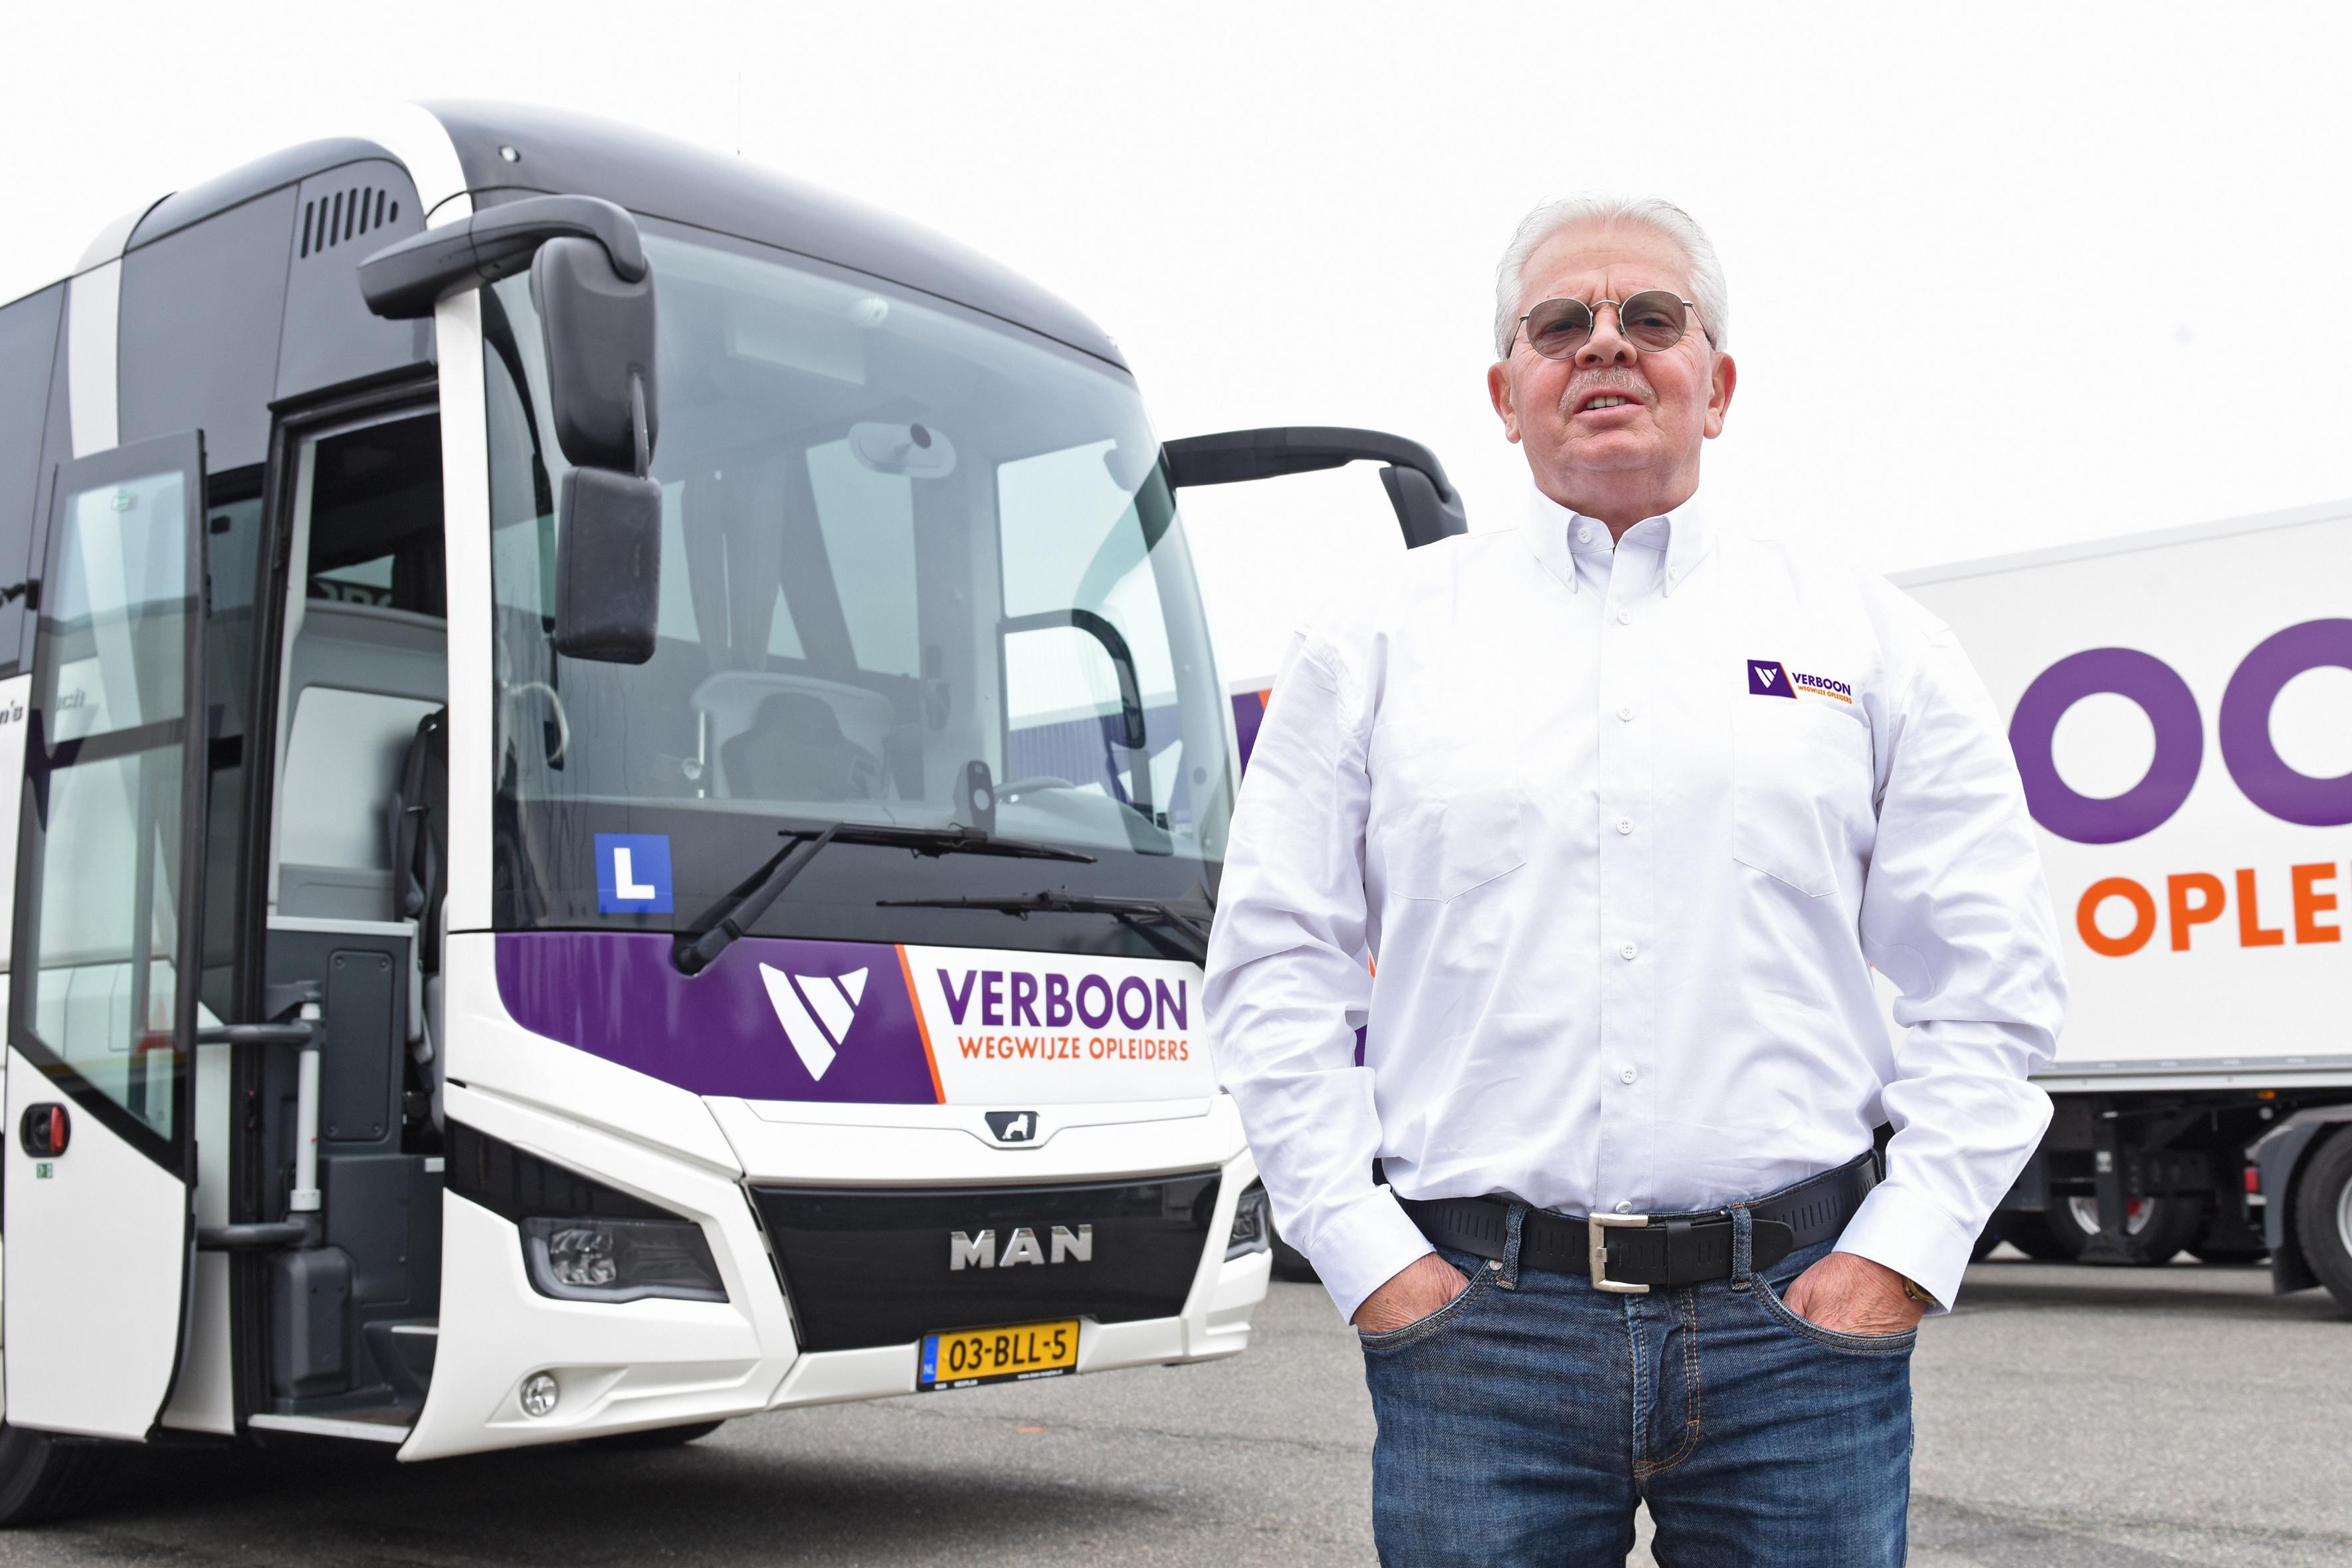 Rijinstructeur Verboon wegwijze opleiders